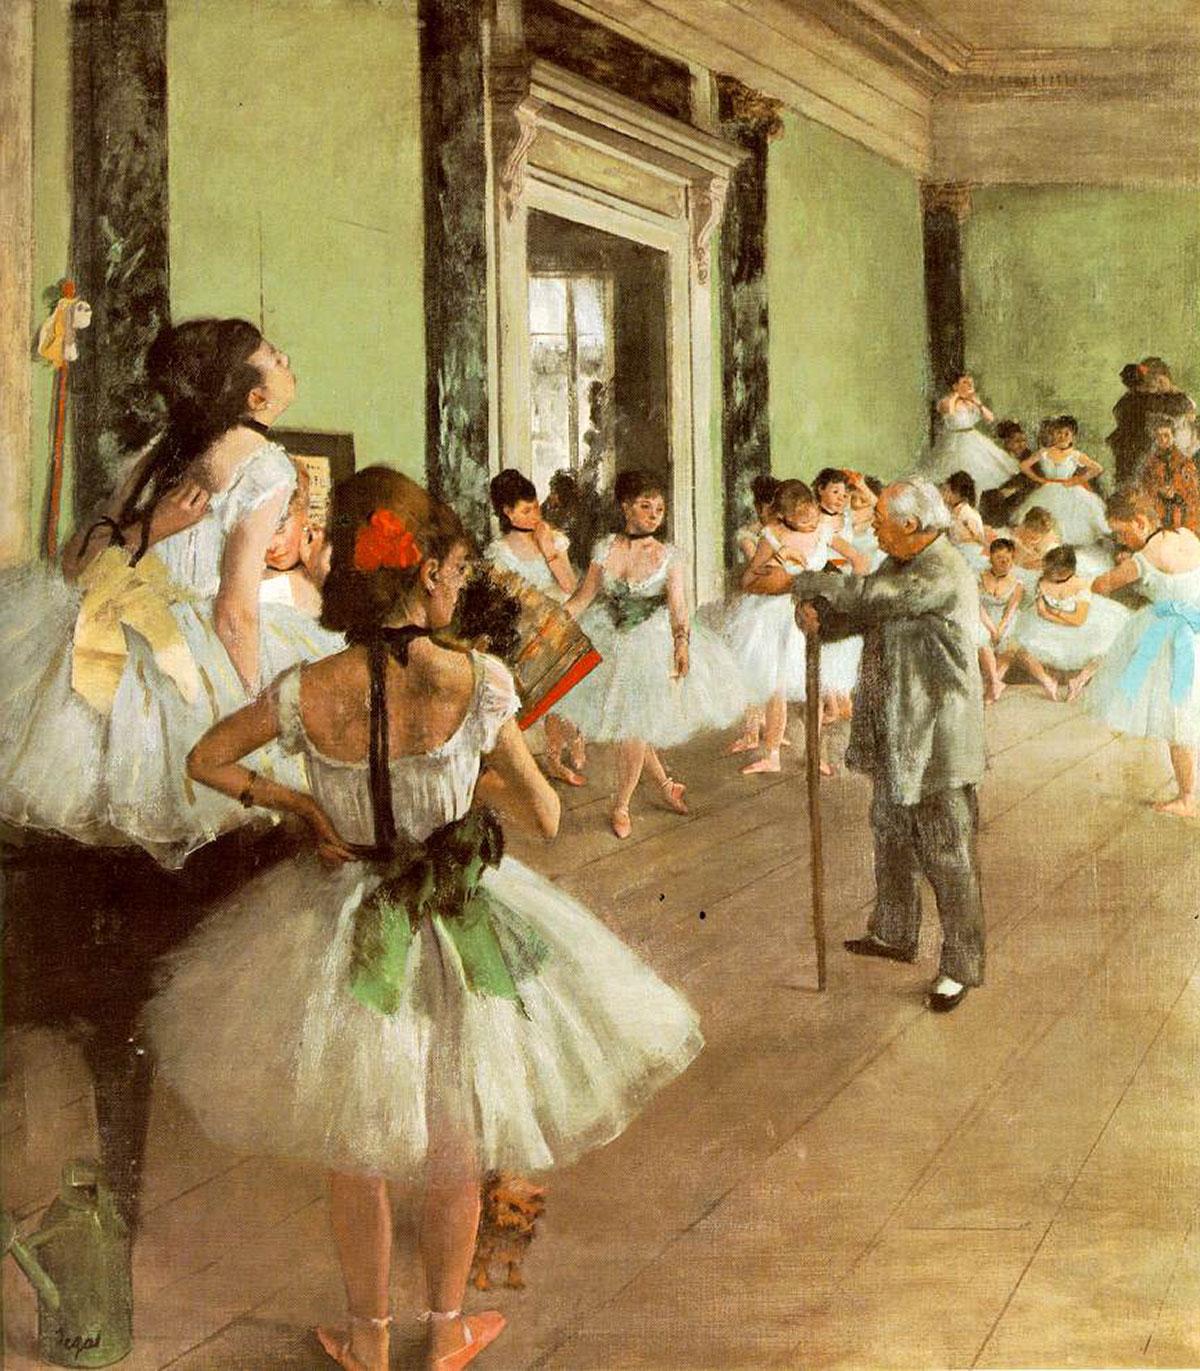 The ballet class /La classe de danse/ + Degas, Edgar *magnifico